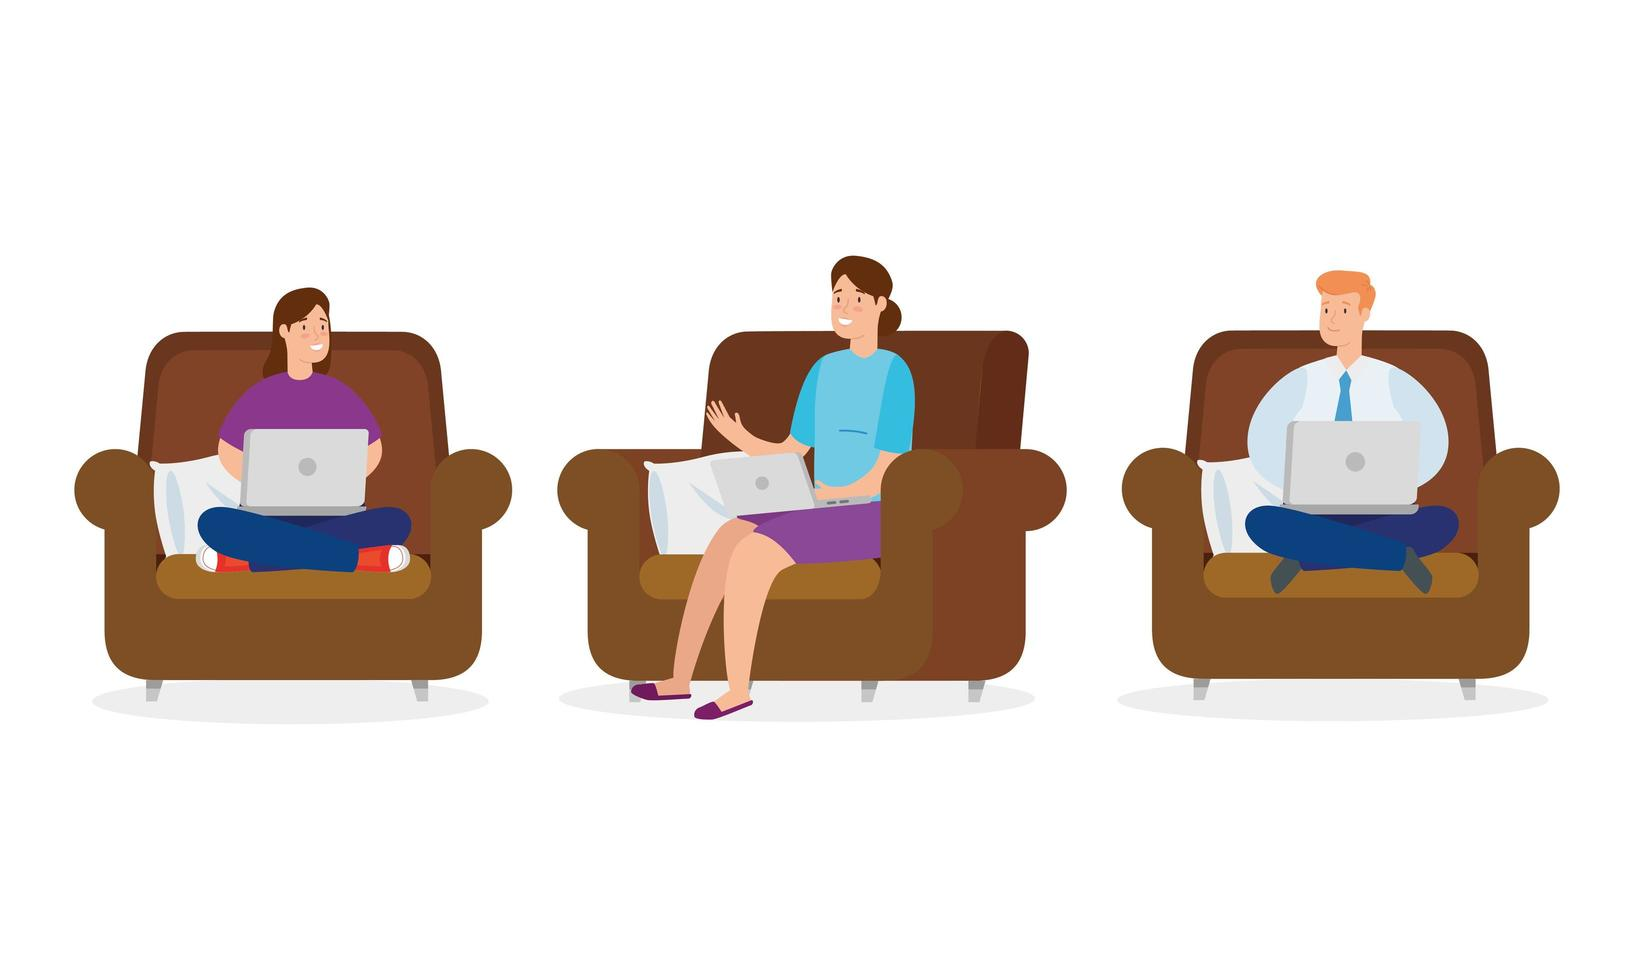 personnes assises sur des canapés avec des ordinateurs portables vecteur